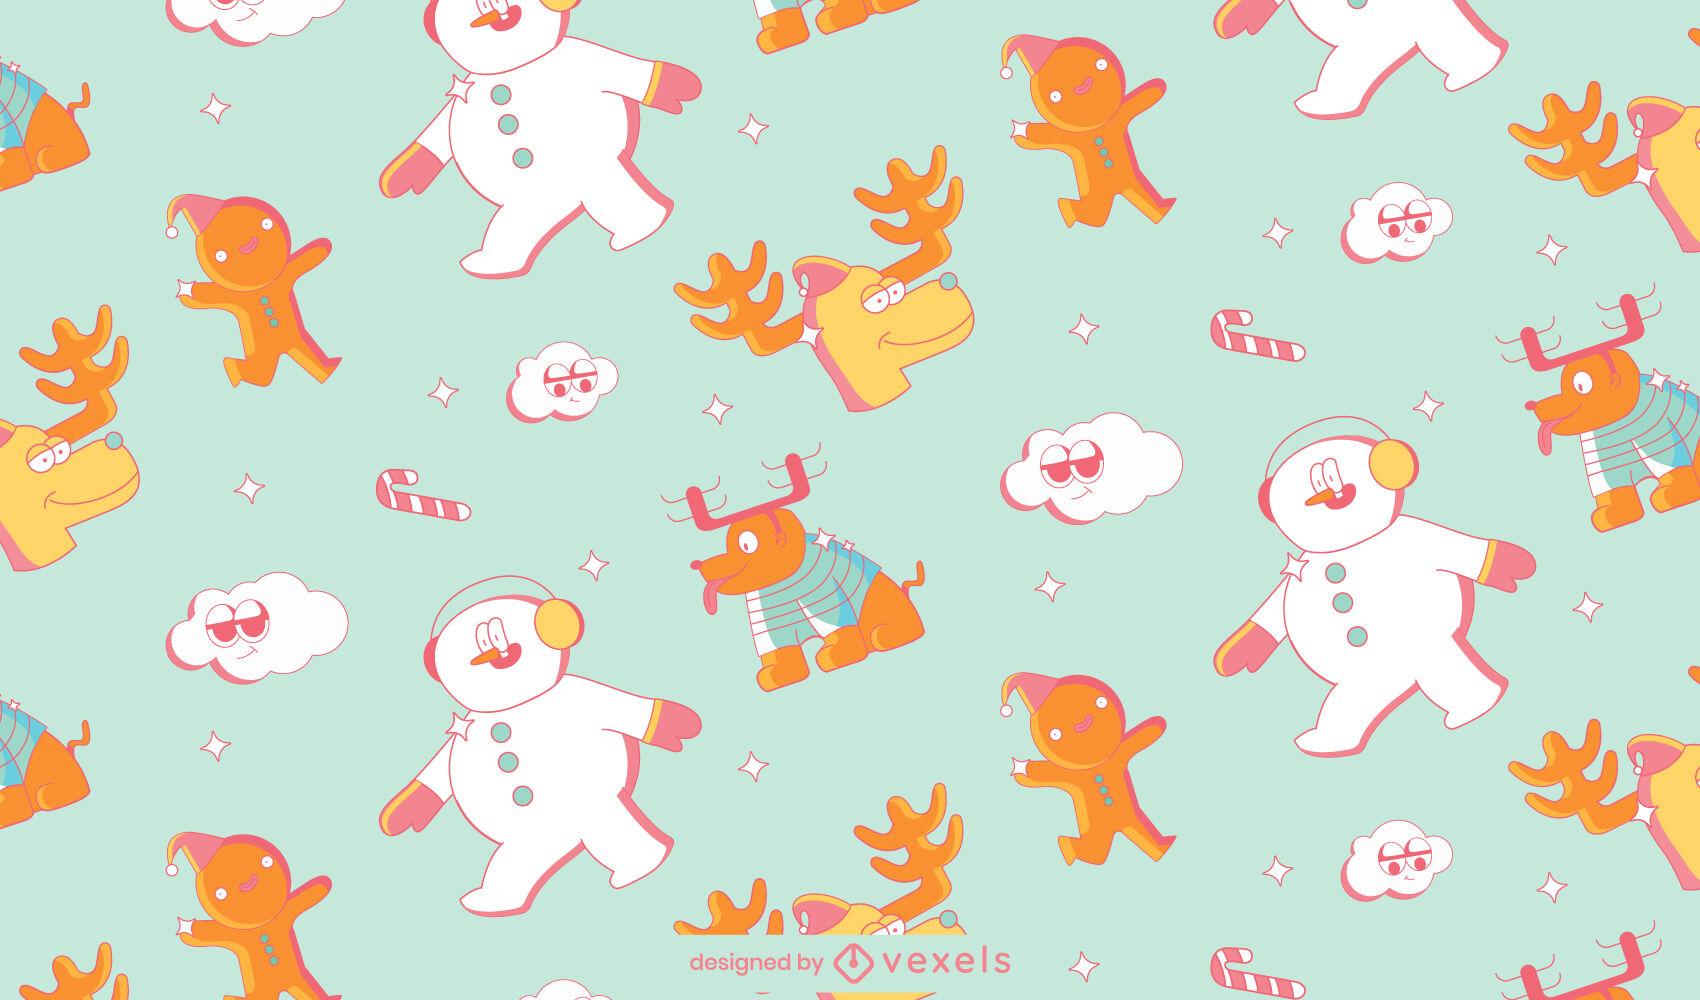 Animales navideños y patrón de muñeco de nieve.